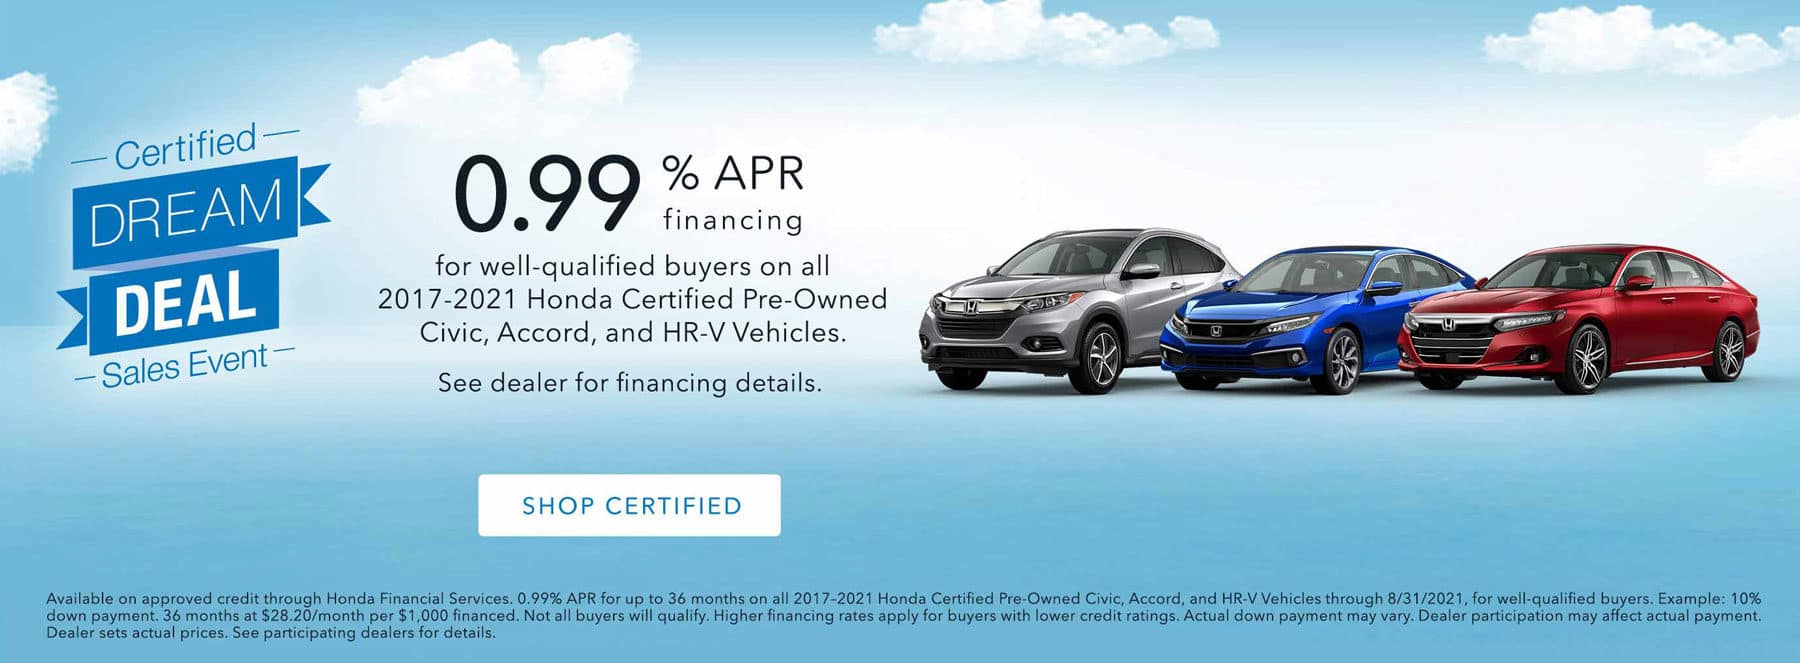 certified-dream-deal-july-2021-homepage-slide